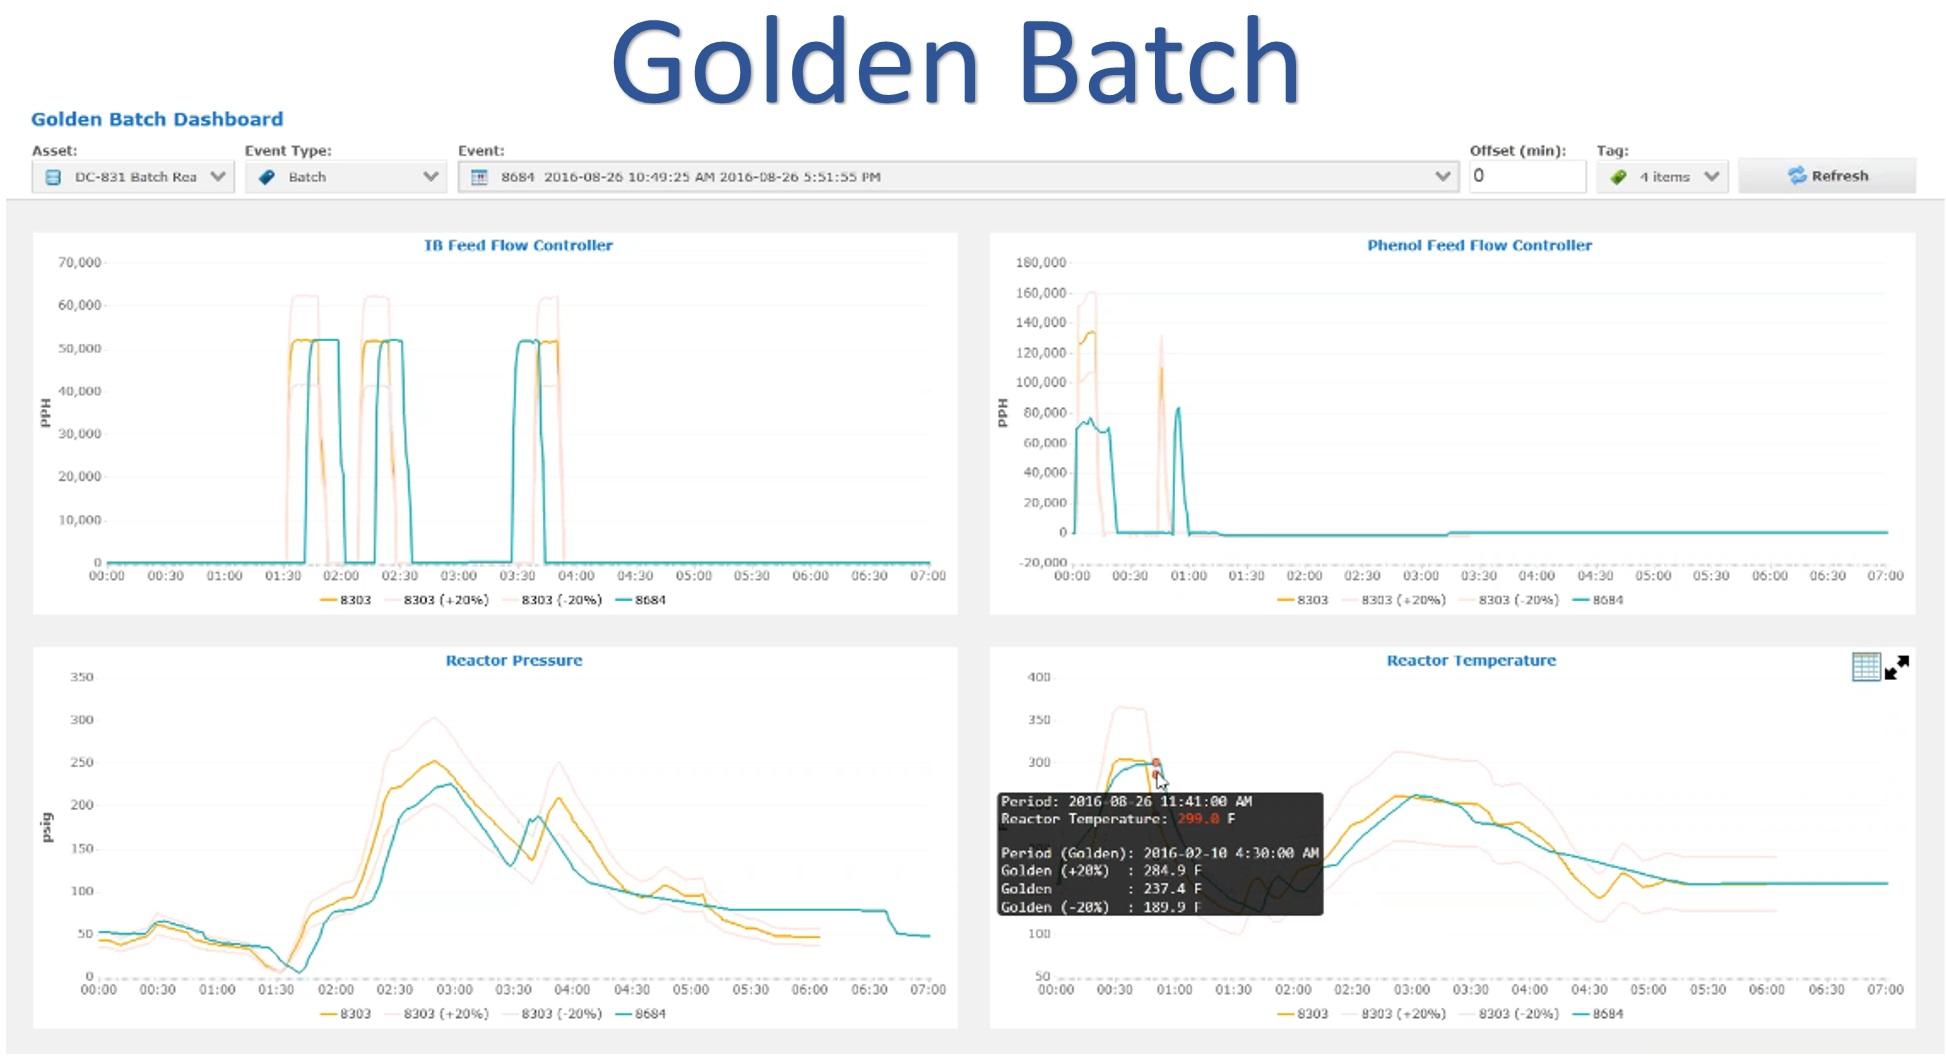 Golden Batch